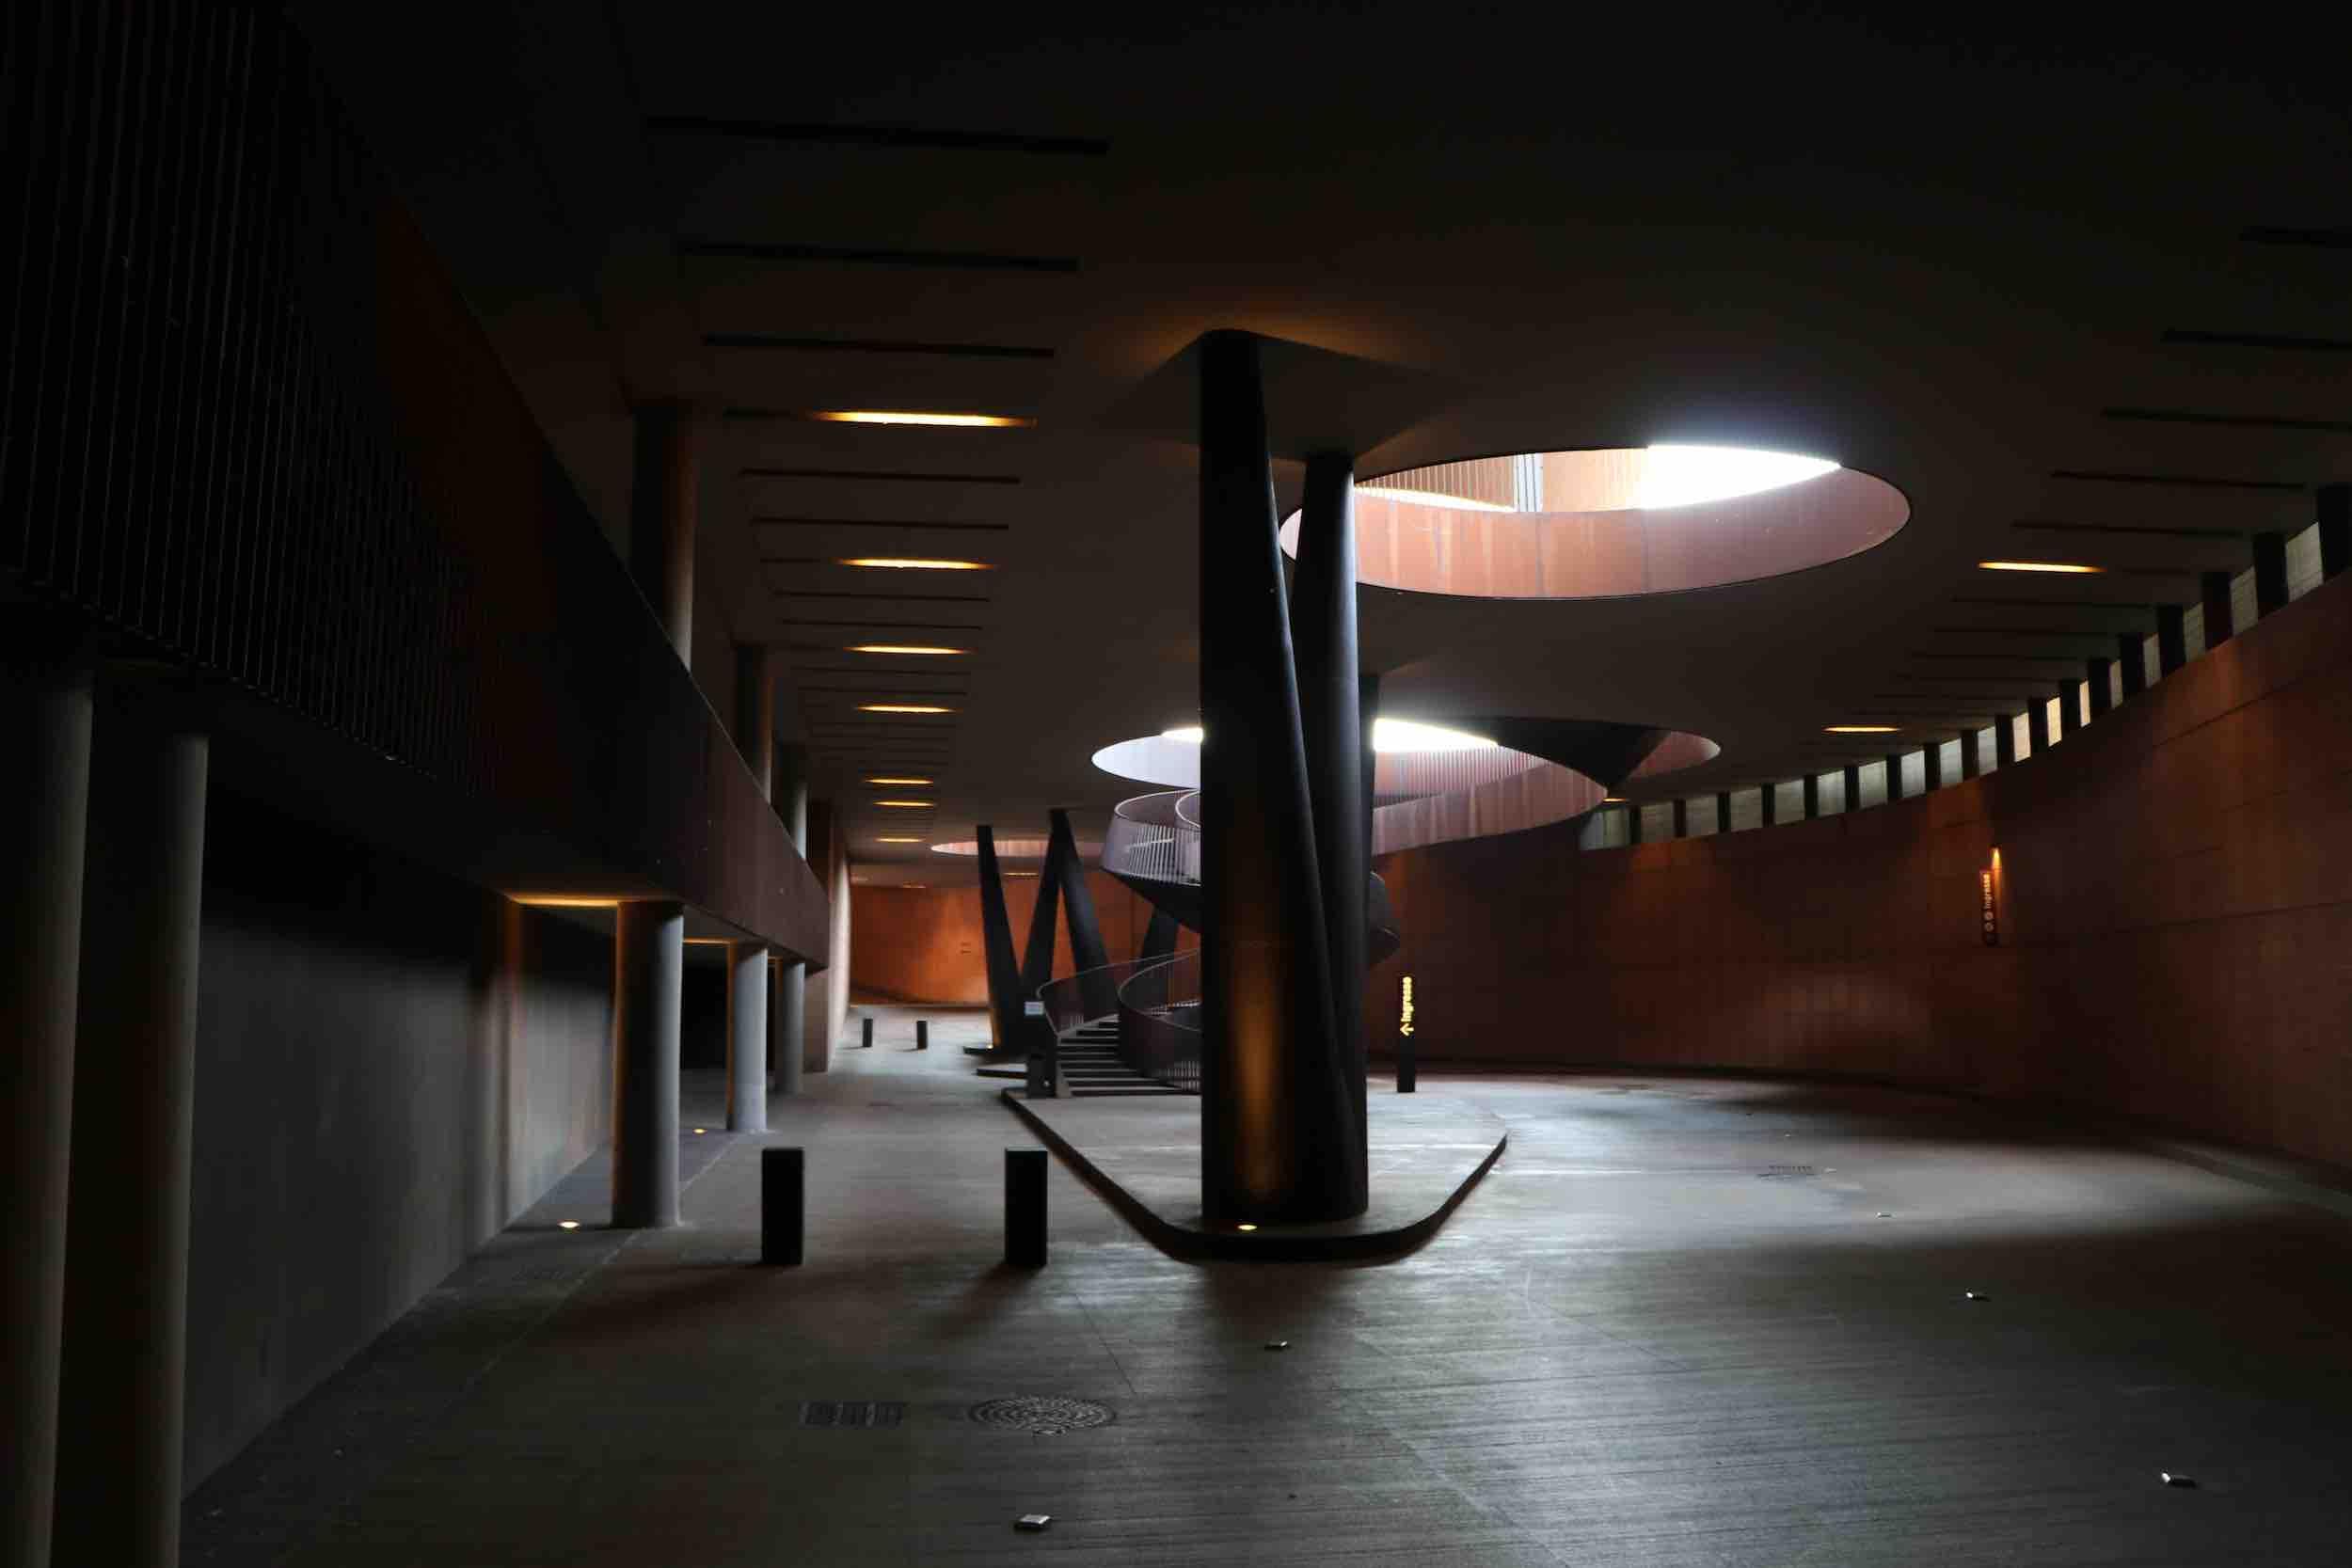 Eingang des Weingut Antinori im Untergeschoss